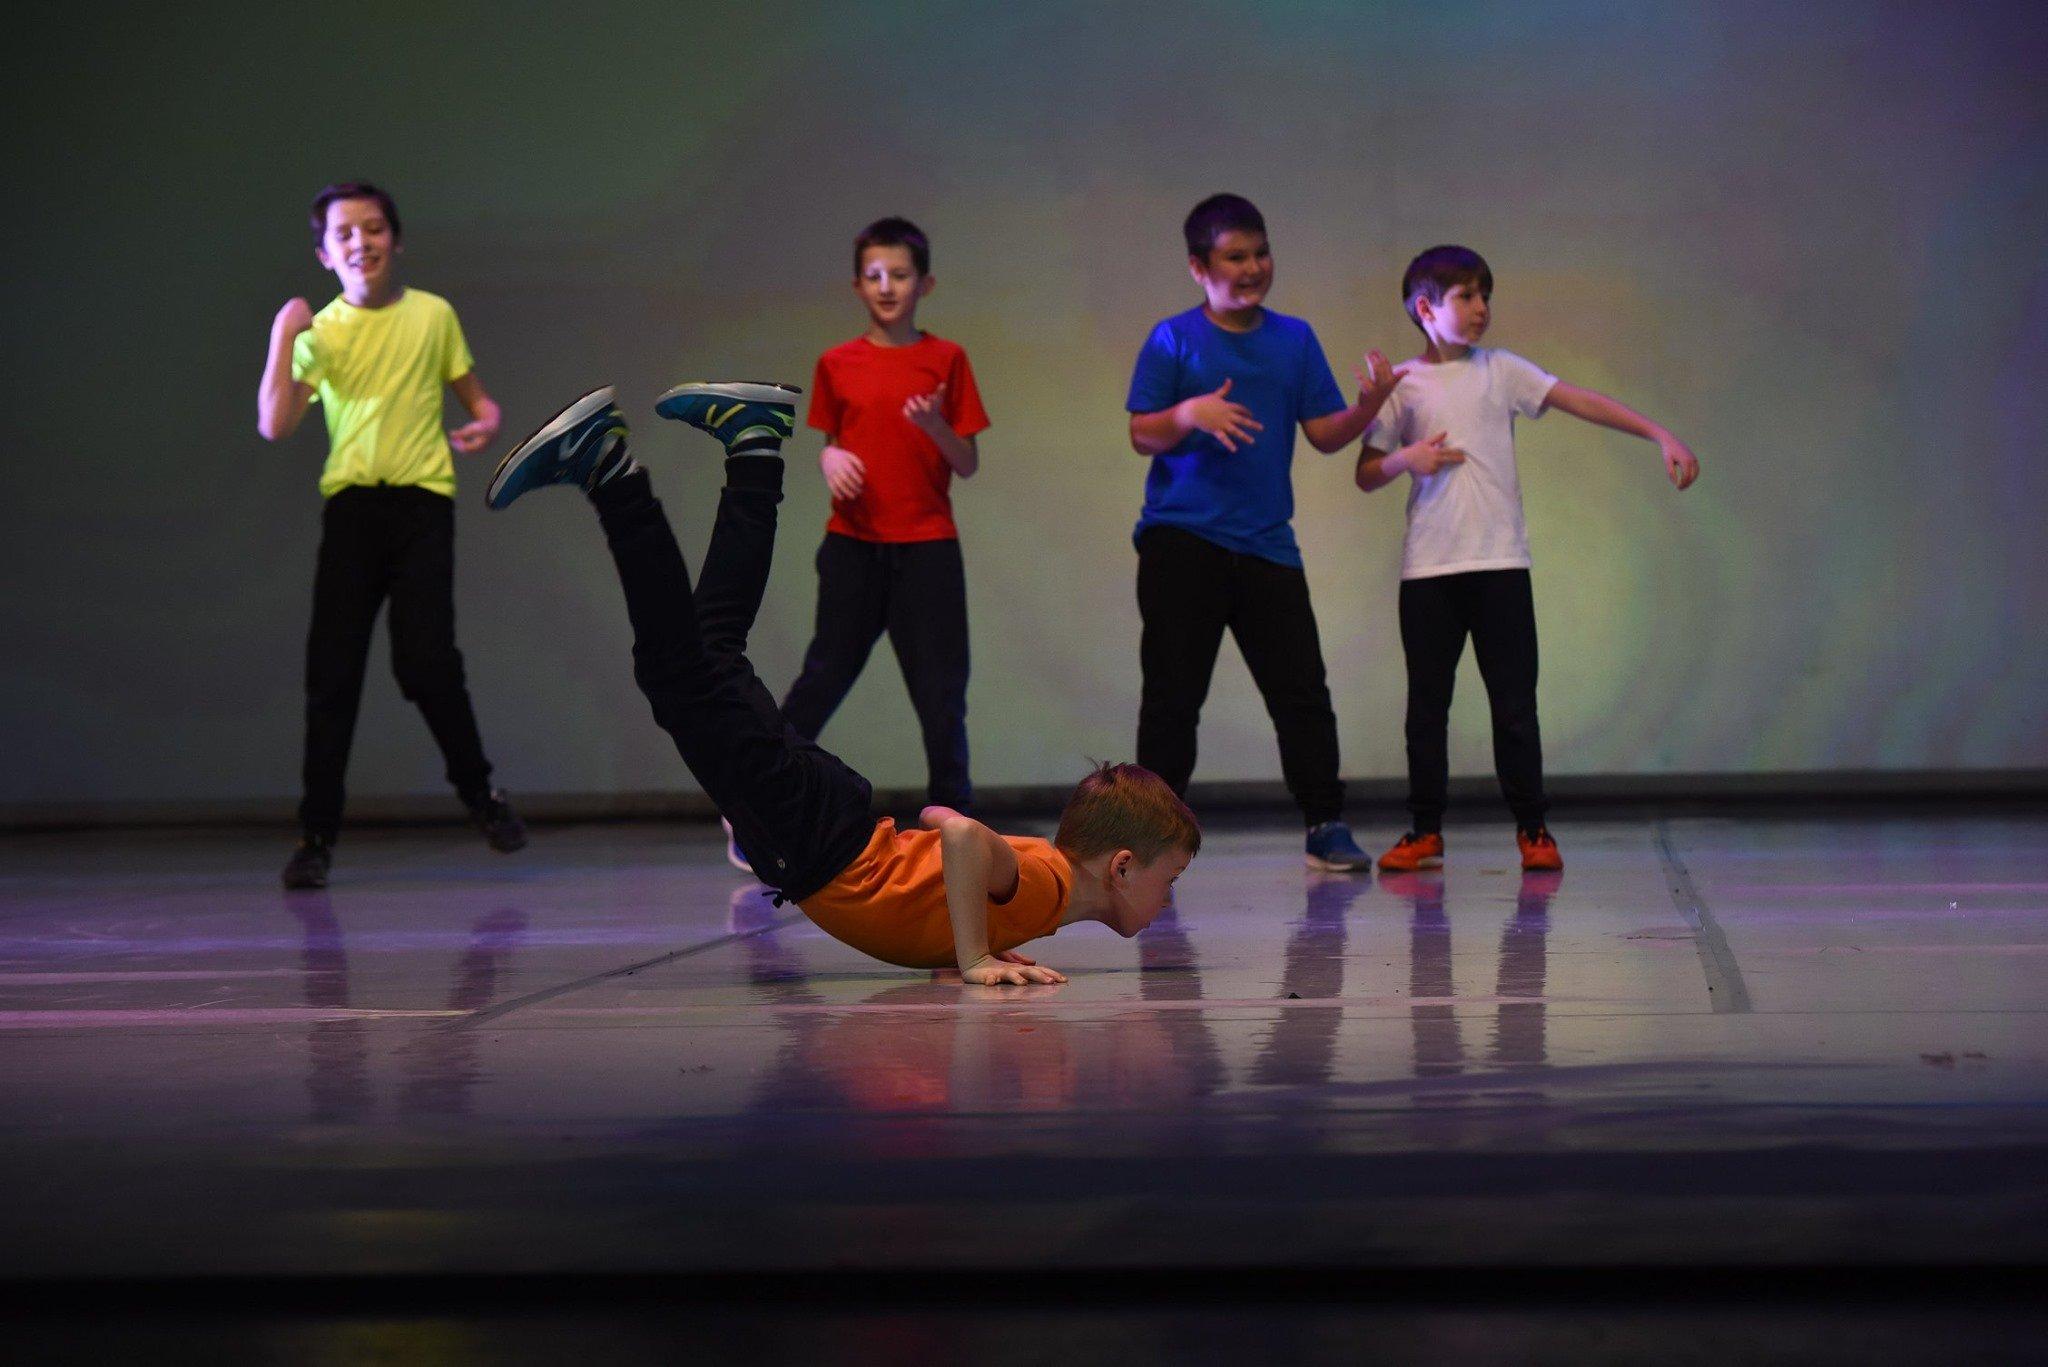 Zajęcia dla chłopców - breakdance, hip-hop, taniec współczesny